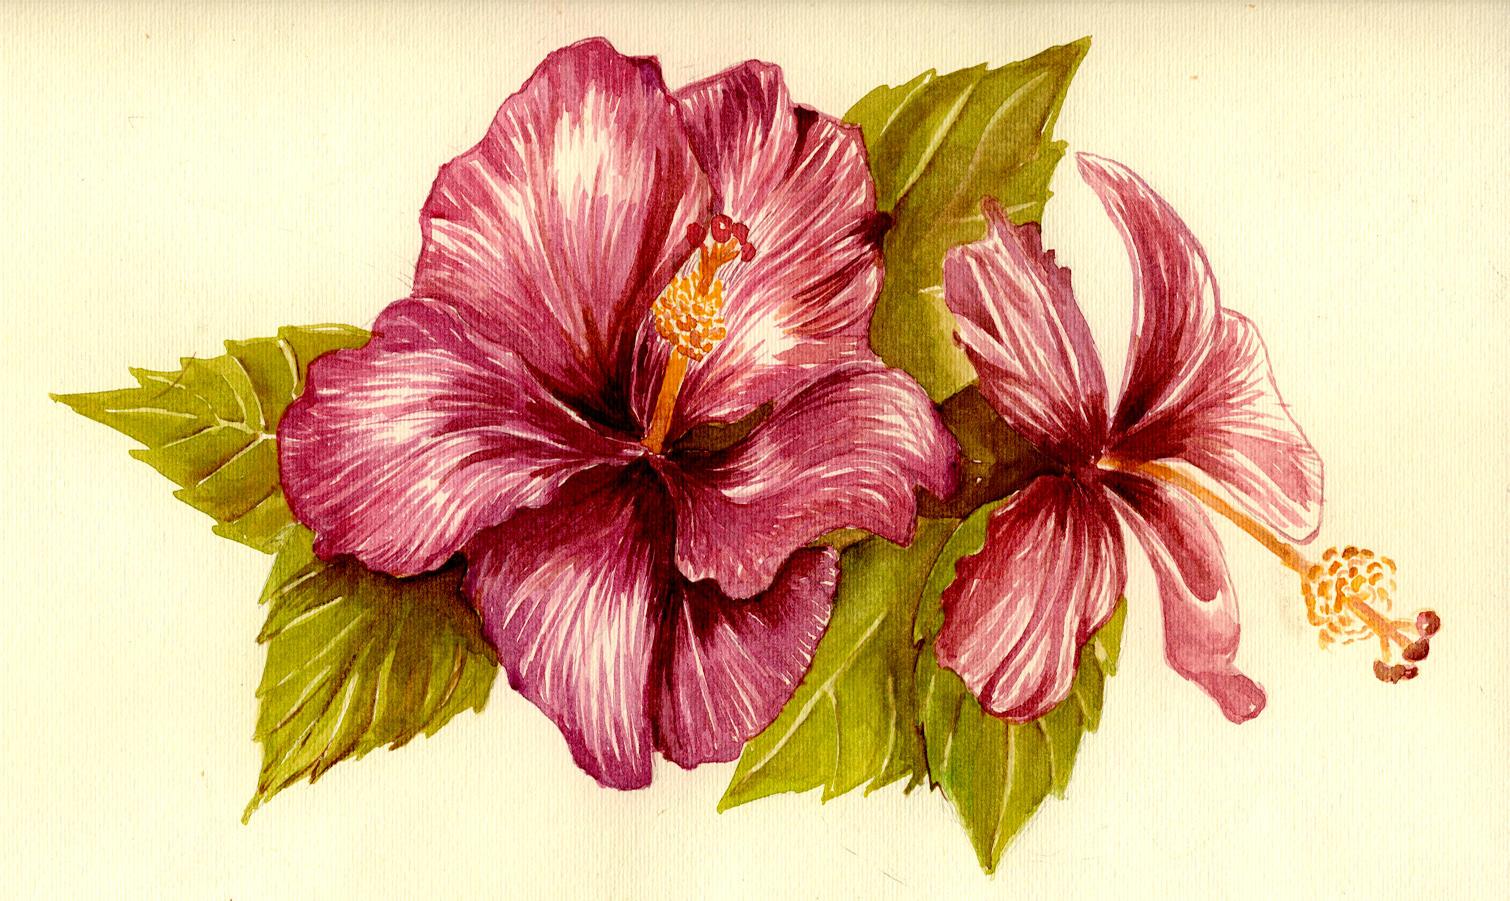 Hibiscus Flower By Gloriana On Deviantart